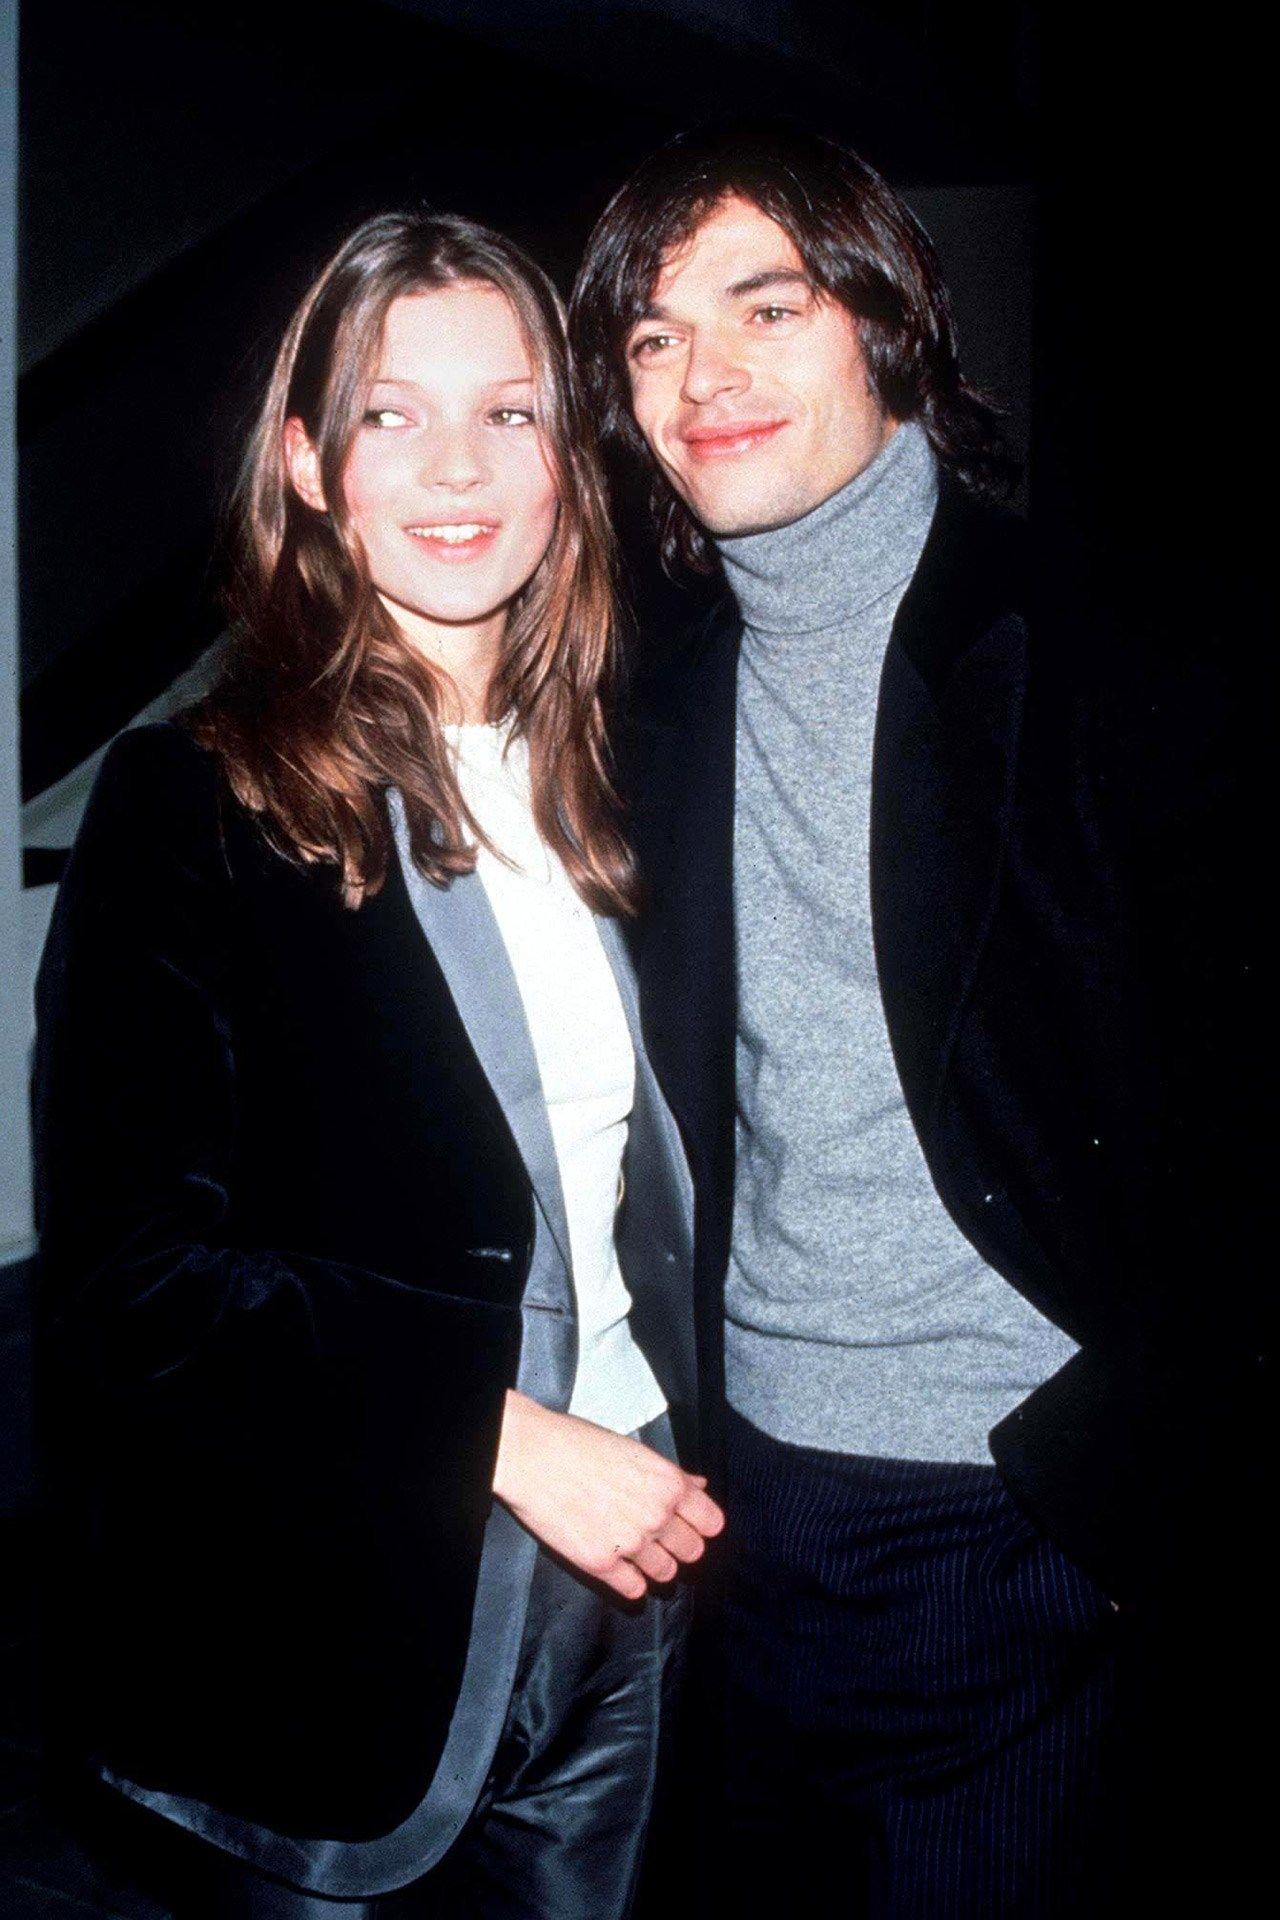 Kate e Mario nos anos 90 / Reprodução